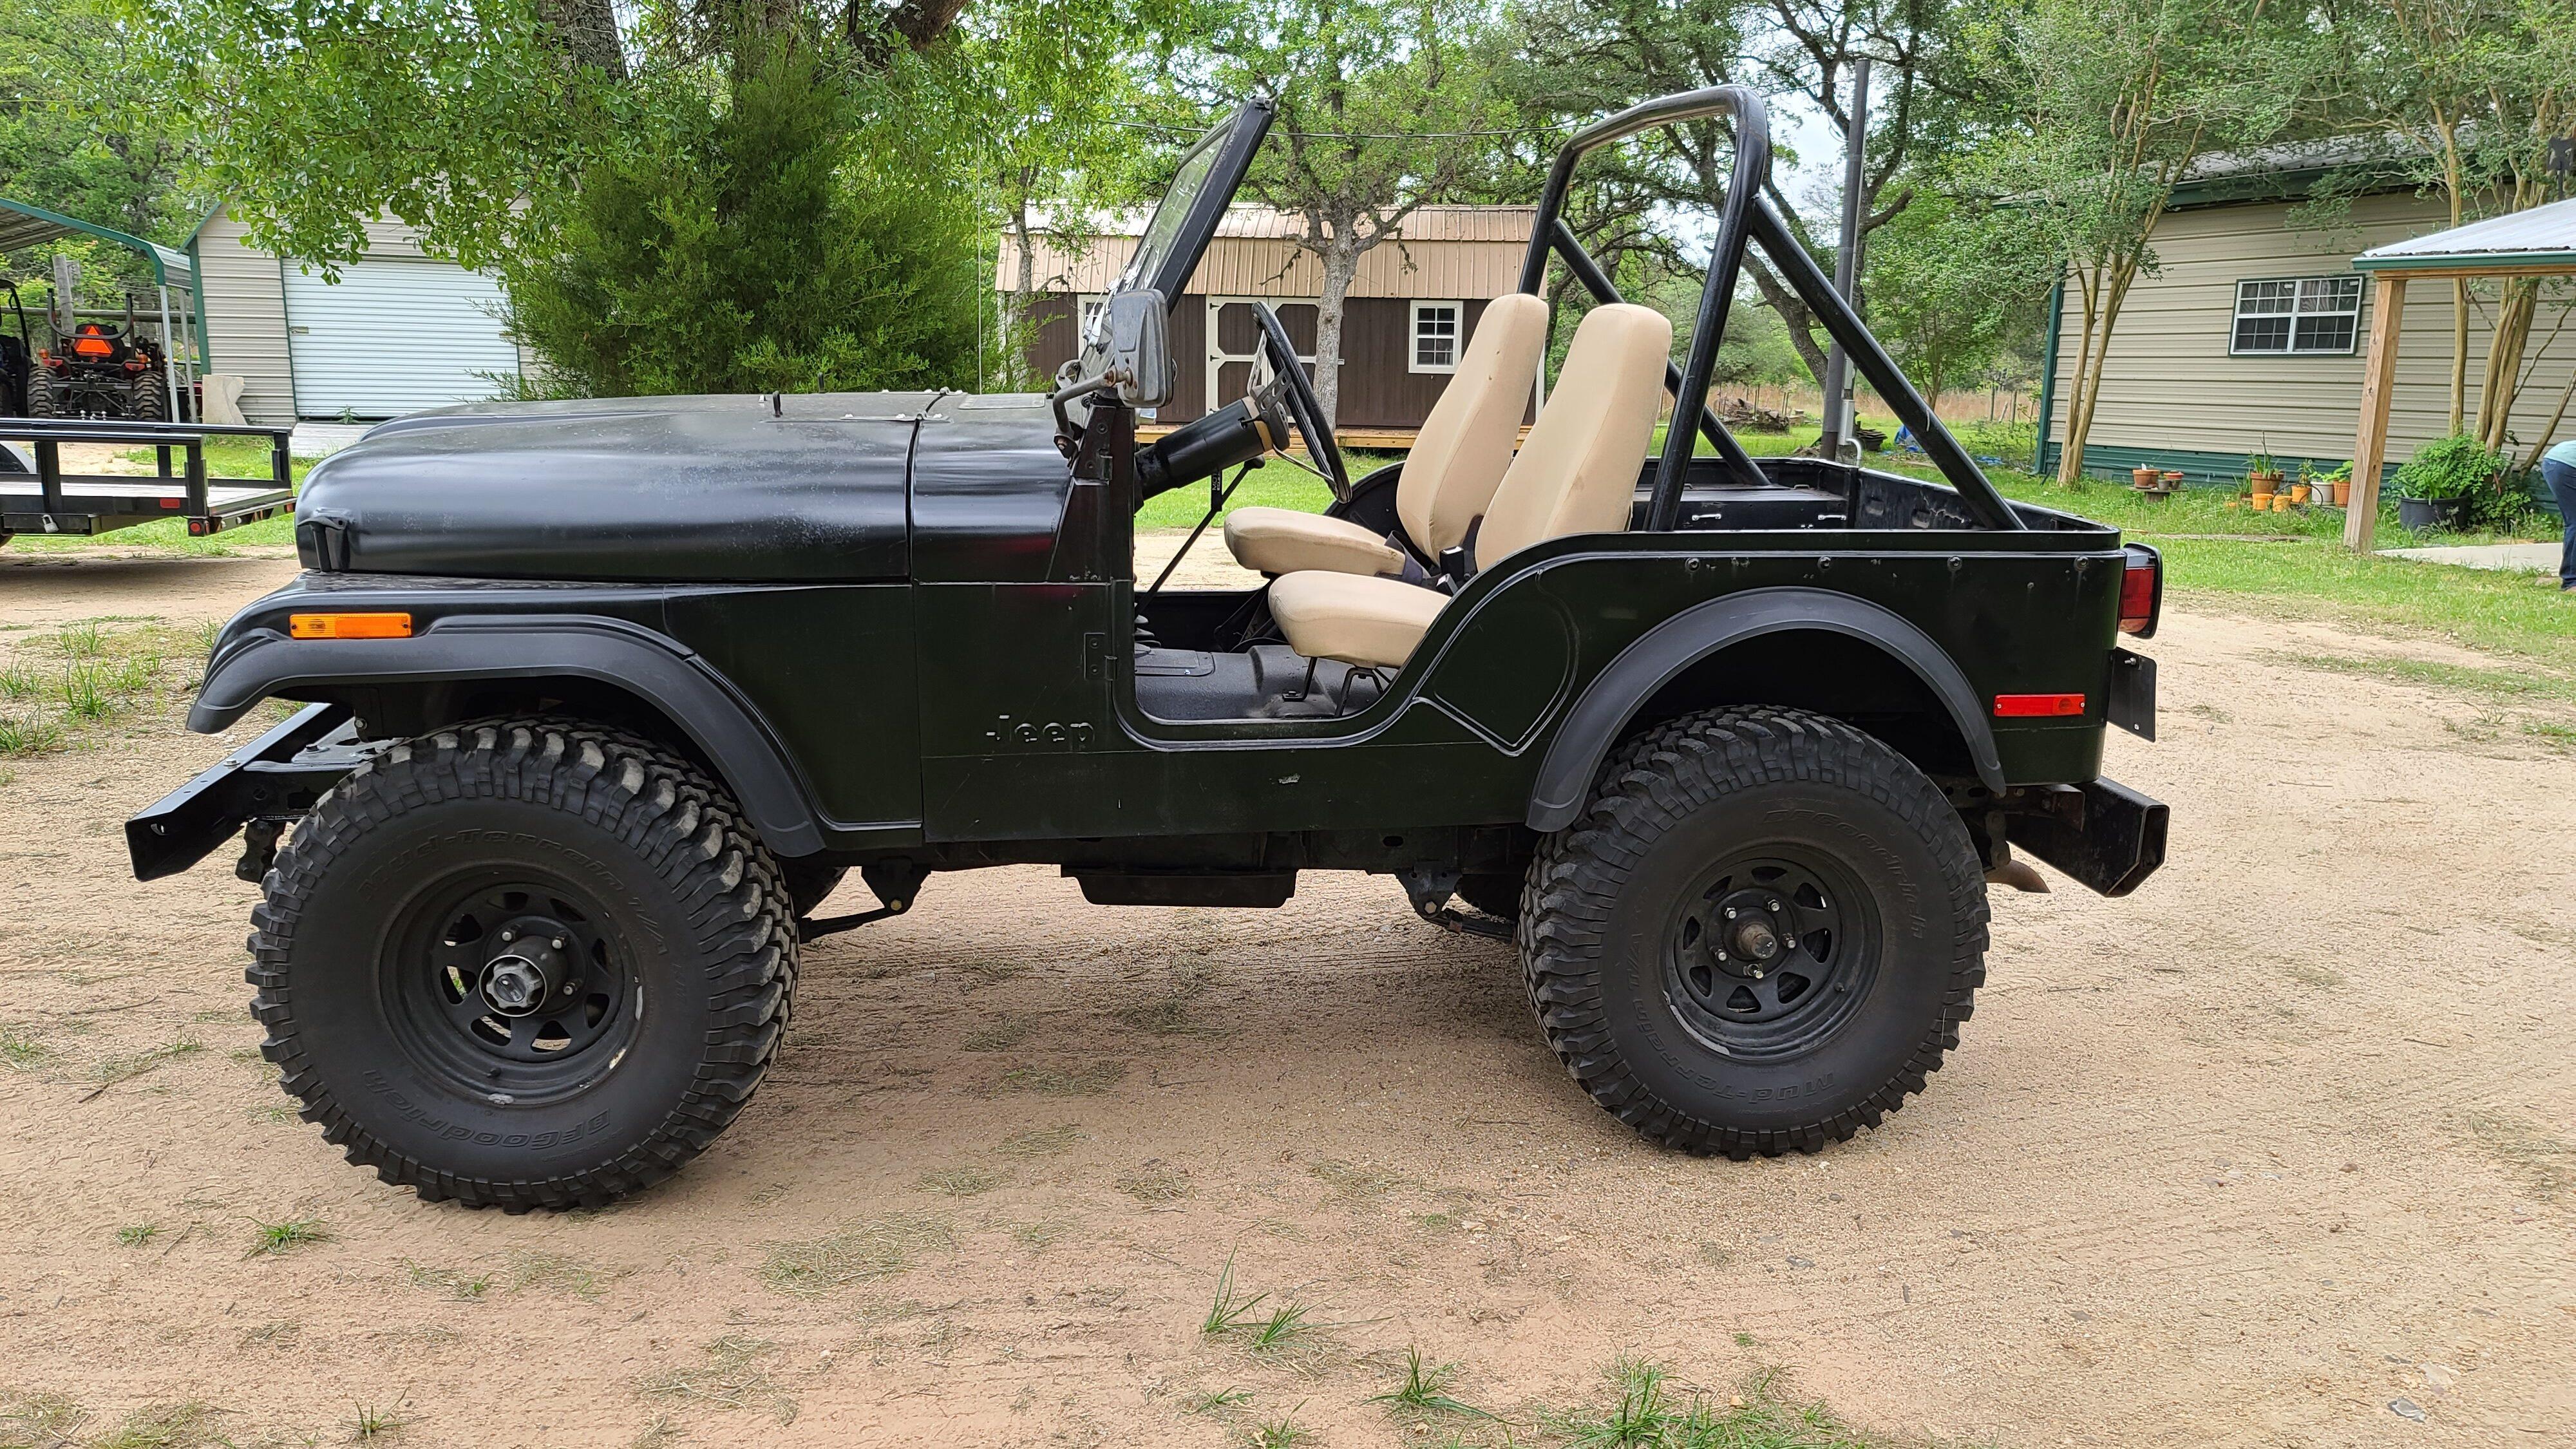 '79 Jeep CJ5